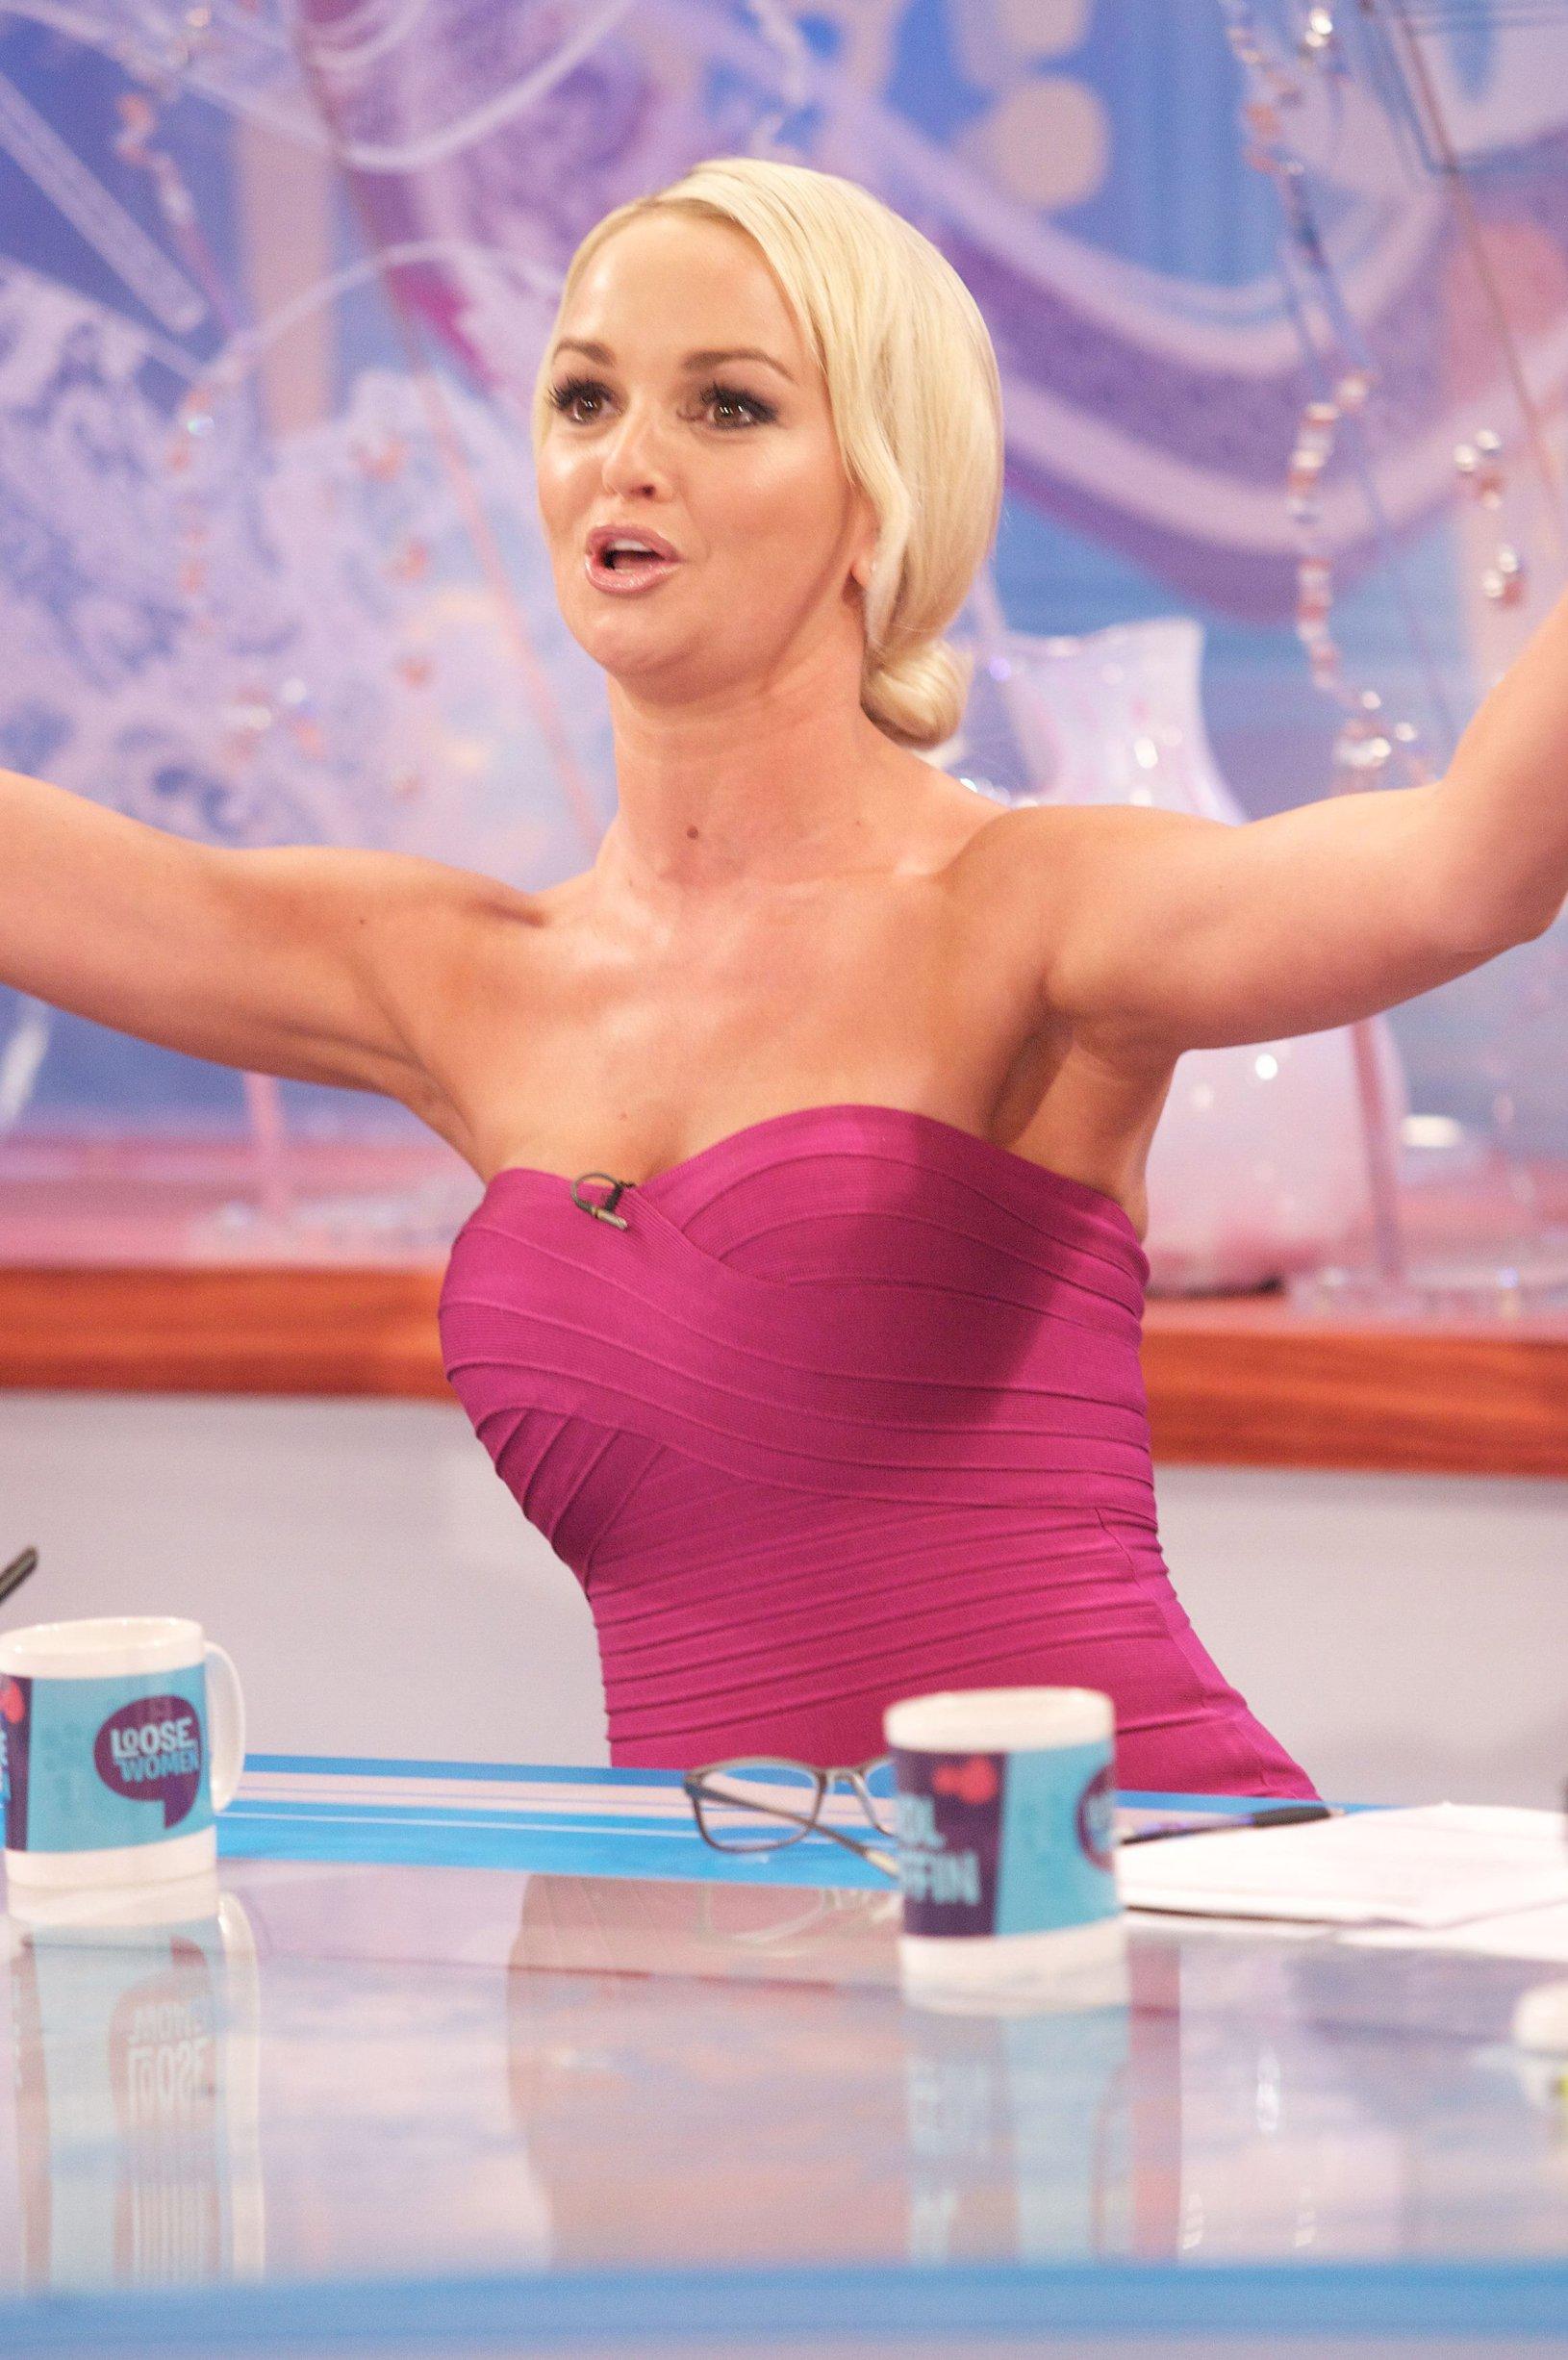 Jennifer Ellison Nude - 5 Pictures: Rating 9.16/10